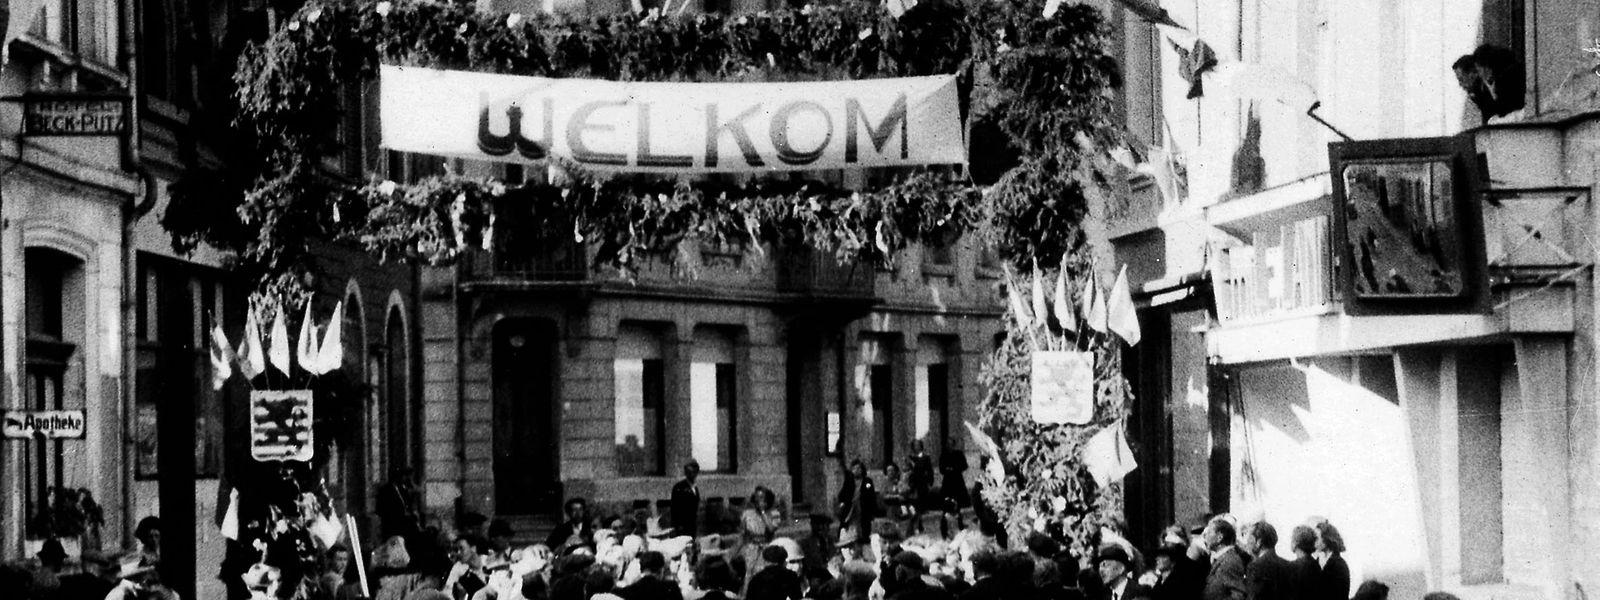 In der Groussstrooss wurden die amerikanischen Soldaten mit einer Ehrenpforte von den Ettelbrücker Bürgern empfangen. Diese war mit zahlreichen luxemburgischen Fahnen dekoriert.